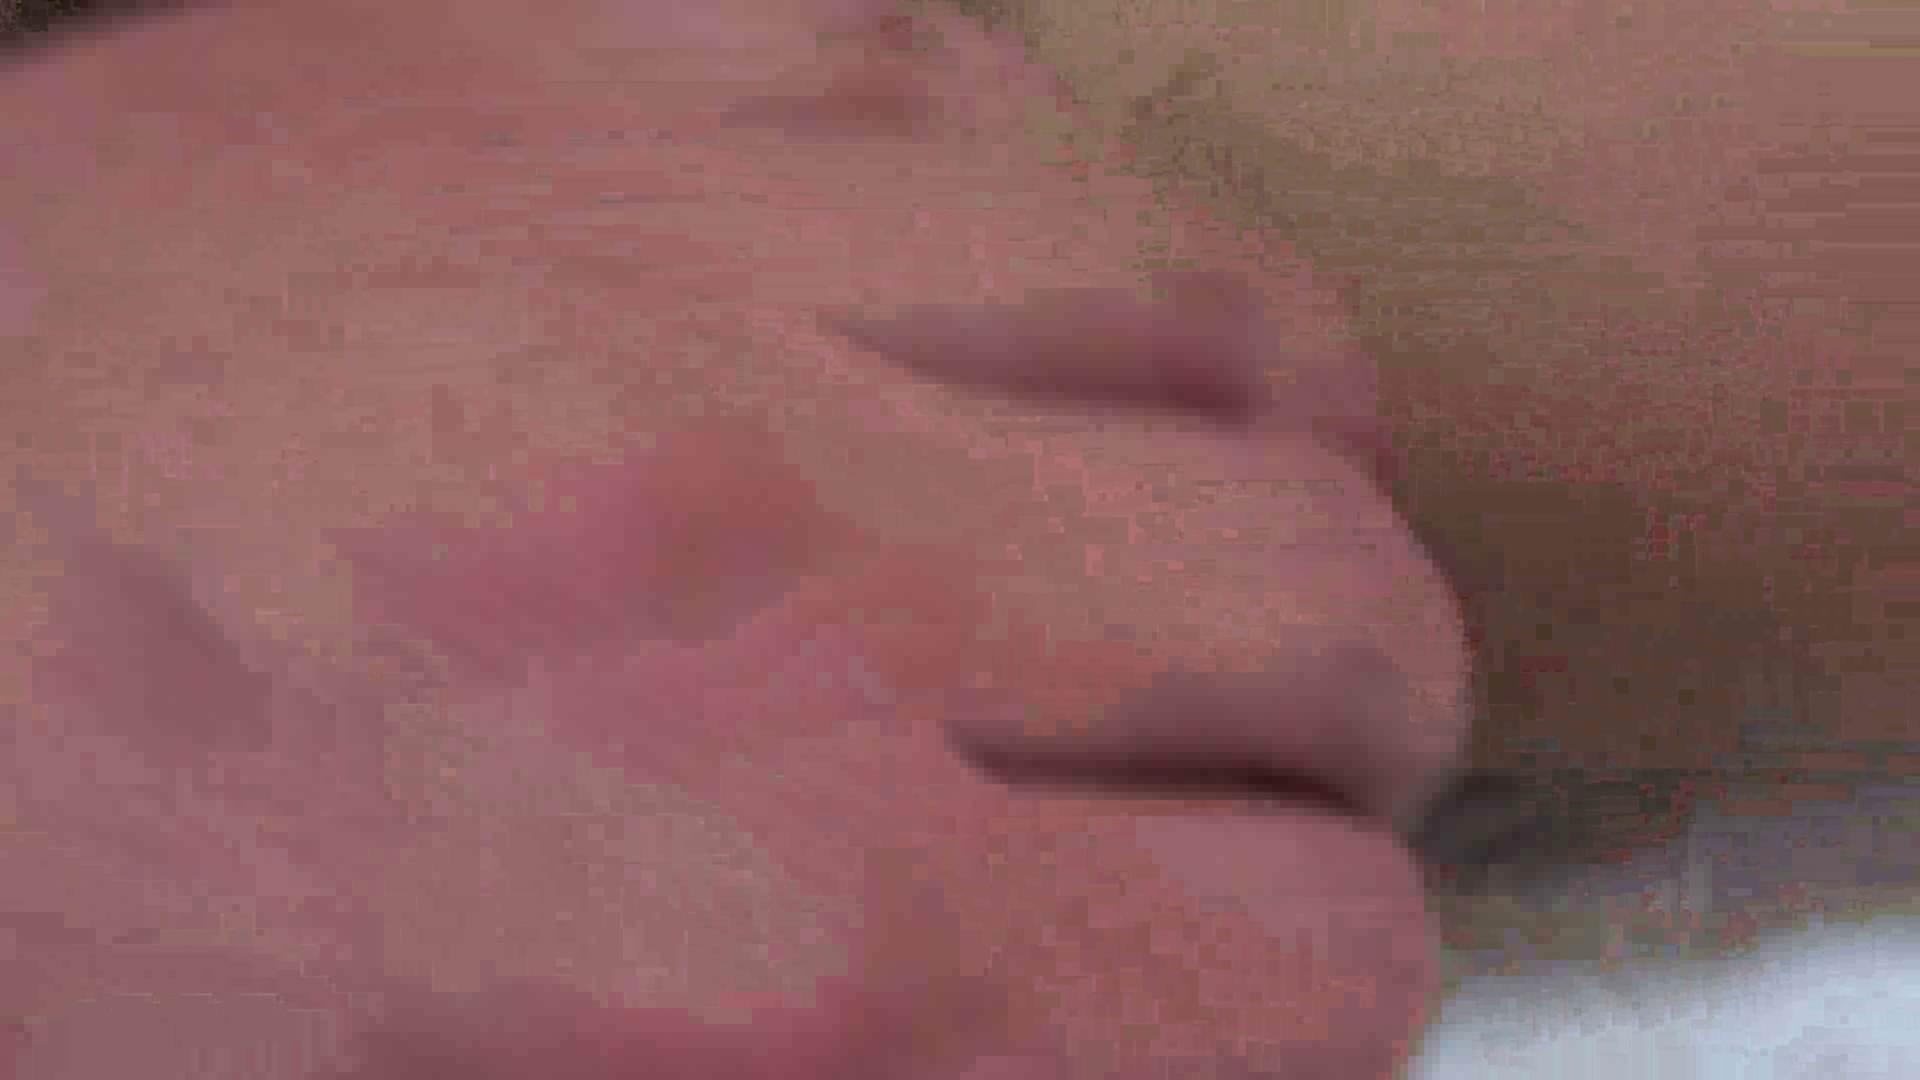 ハサミで切りながら犯す ノンケのオナニー ゲイフリーエロ画像 78連発 20